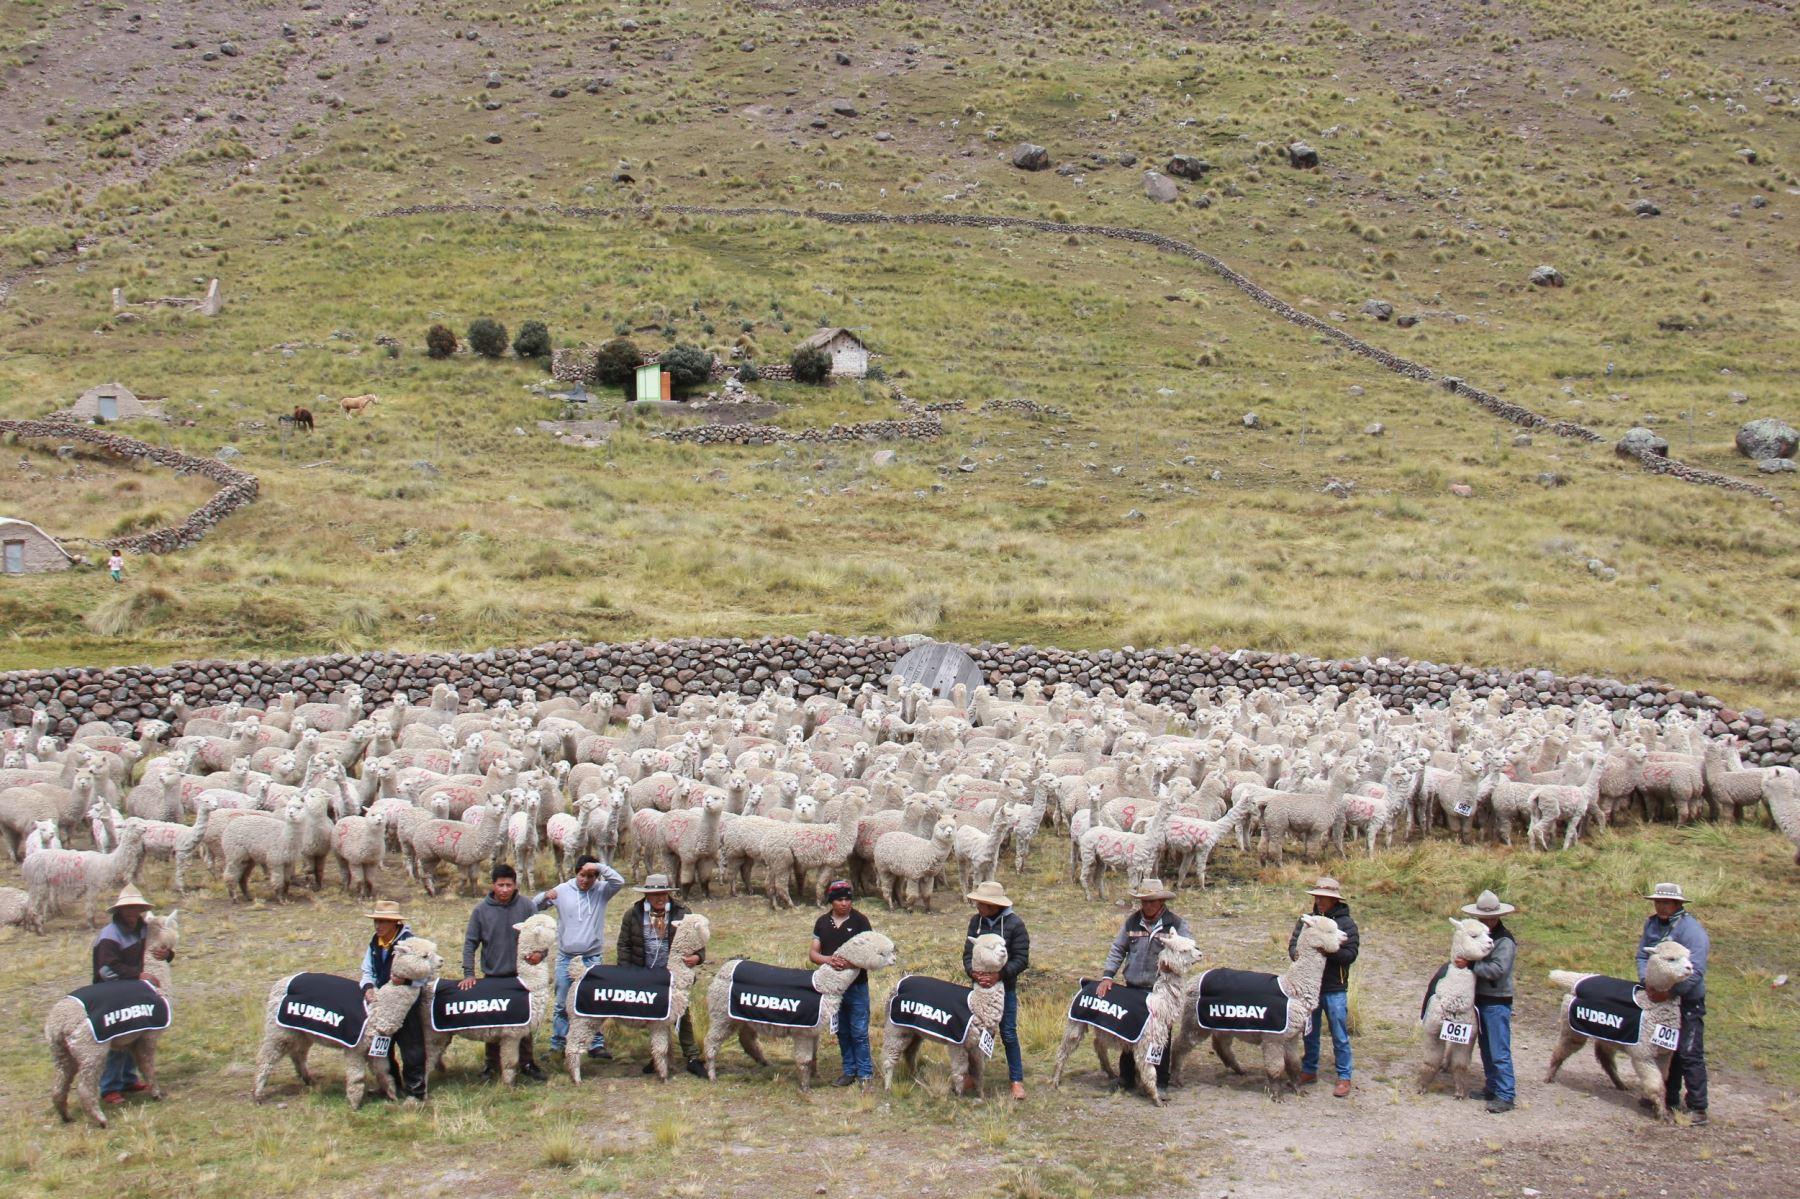 Comunidad campesina Huaylla Huaylla de Cusco impulsará producción de fibra de alpaca con 359 ejemplares donados por minera. ANDINA/Difusión